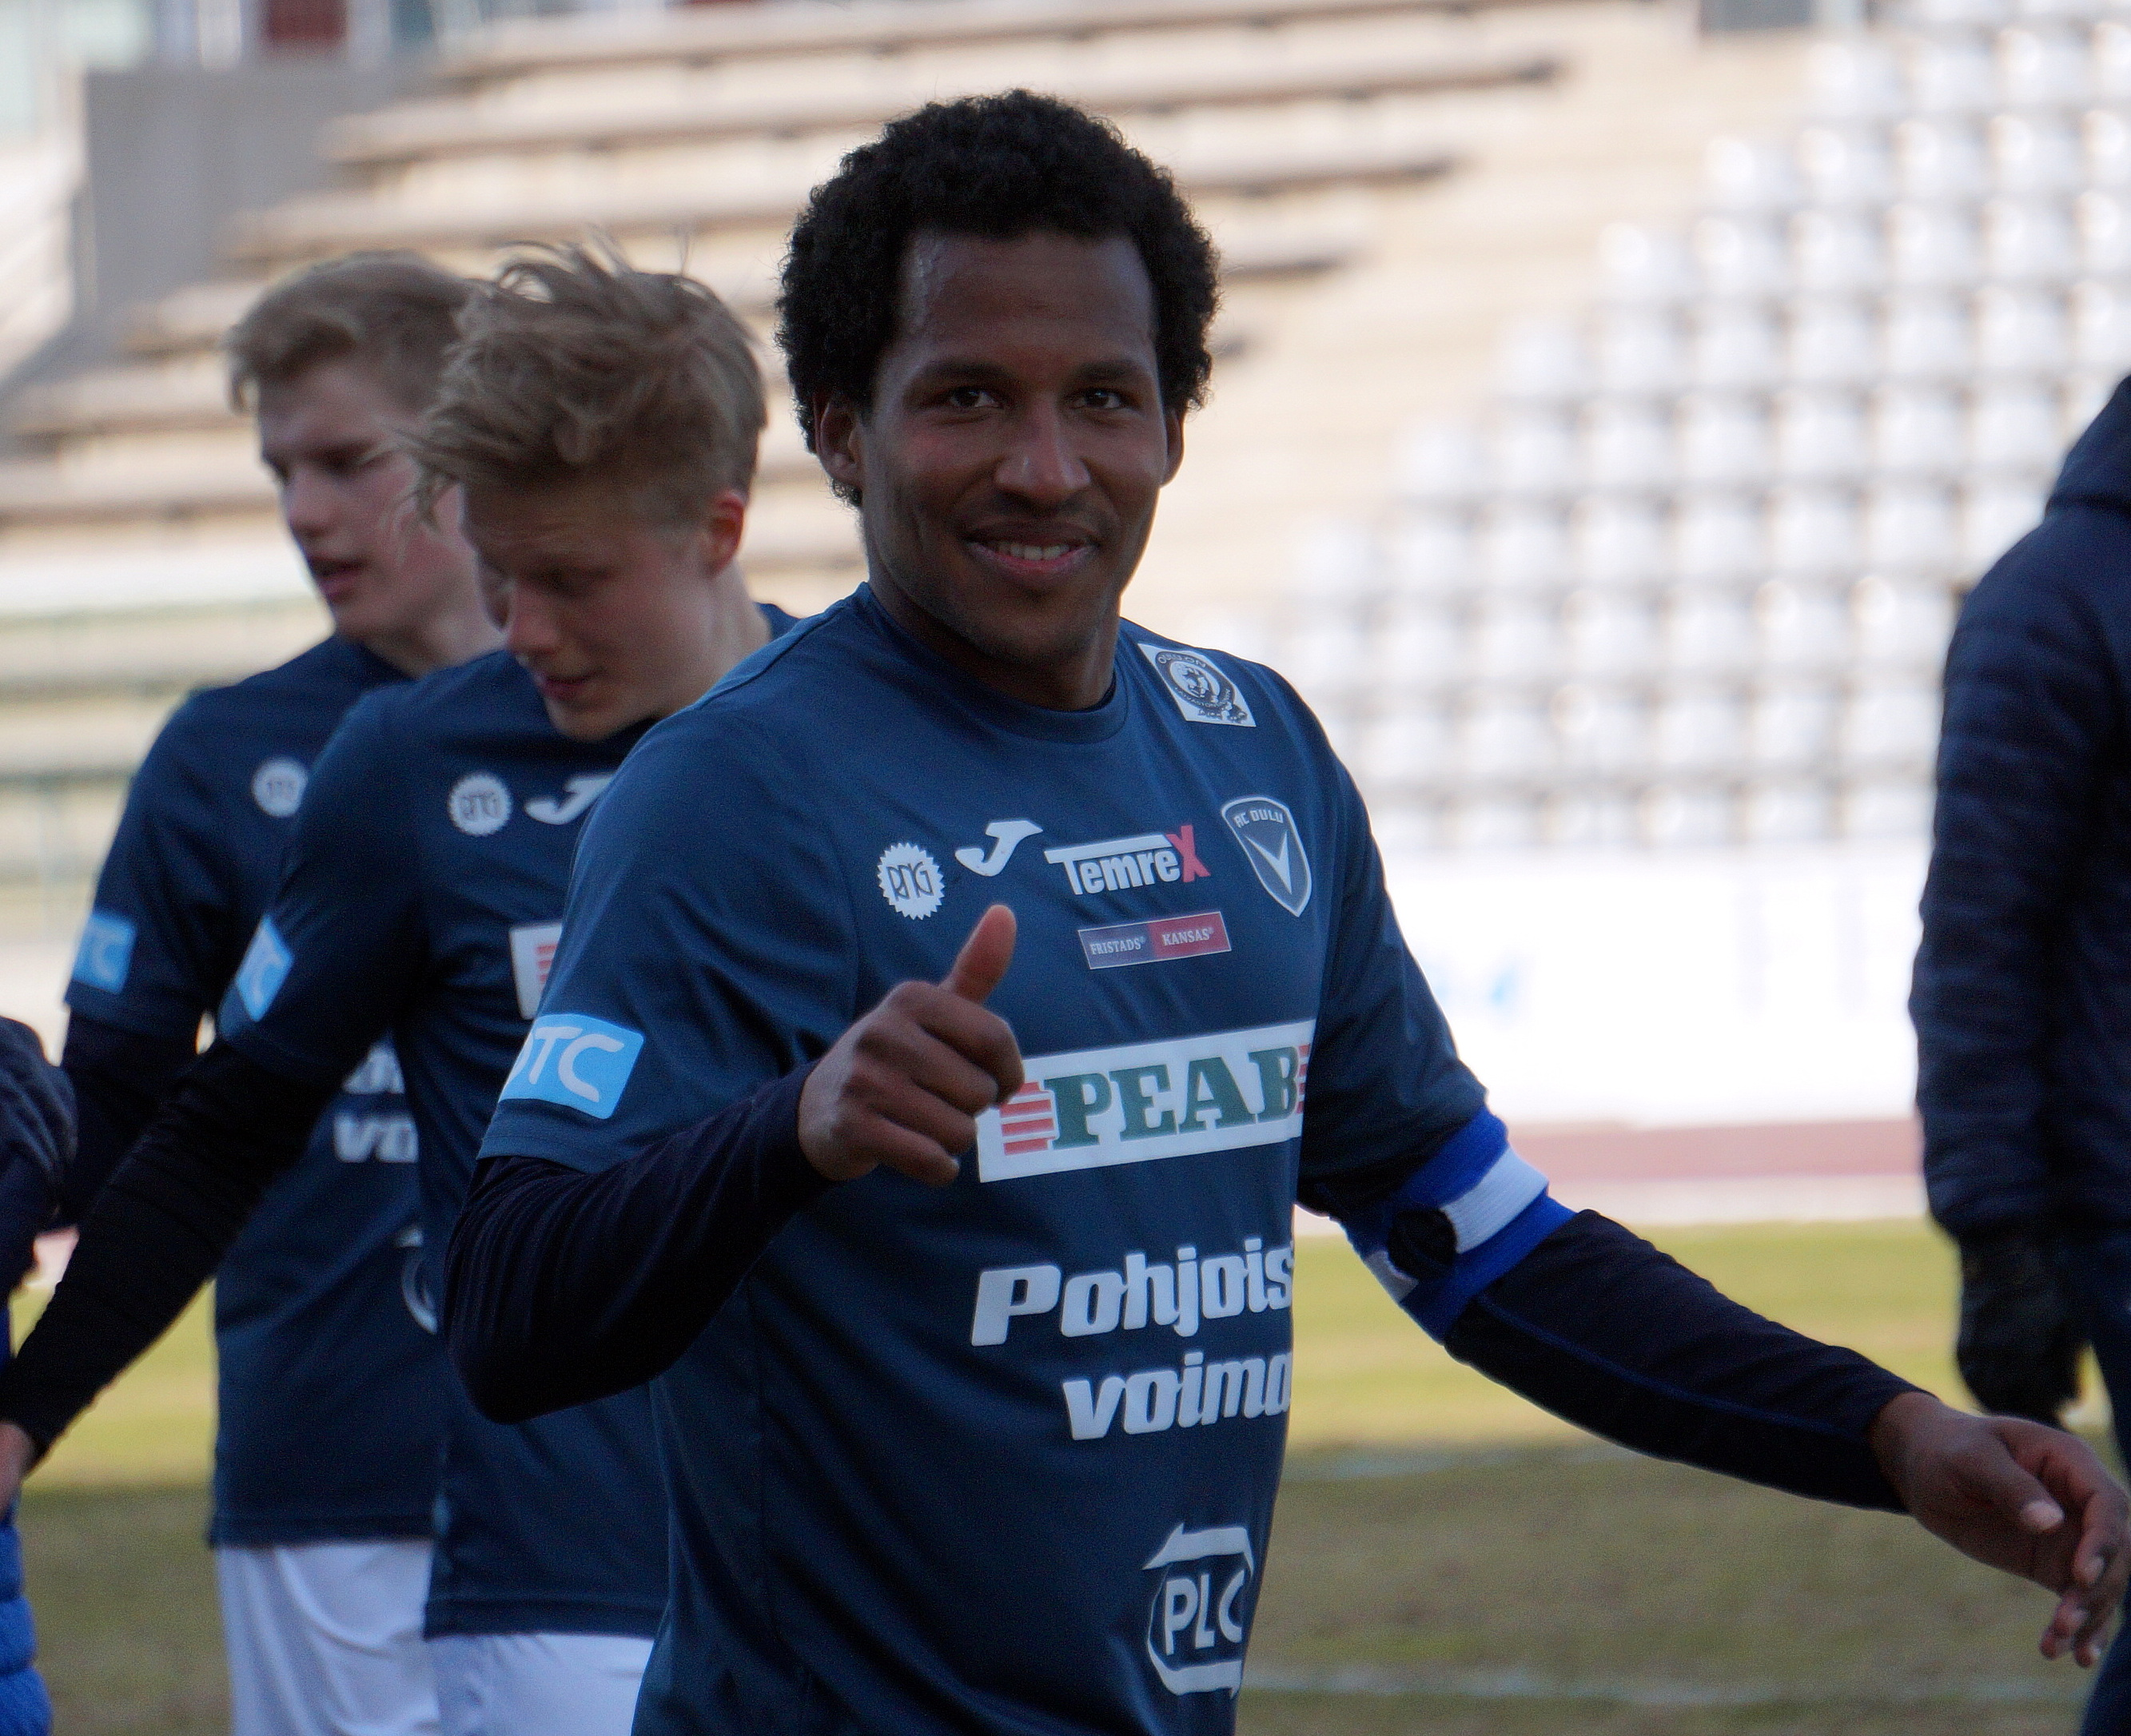 David Ramadingaye johdattaa AC Oulun kauden ensimmäiseen Oulun Derbyyn. (Kuva: Elias Mustonen)